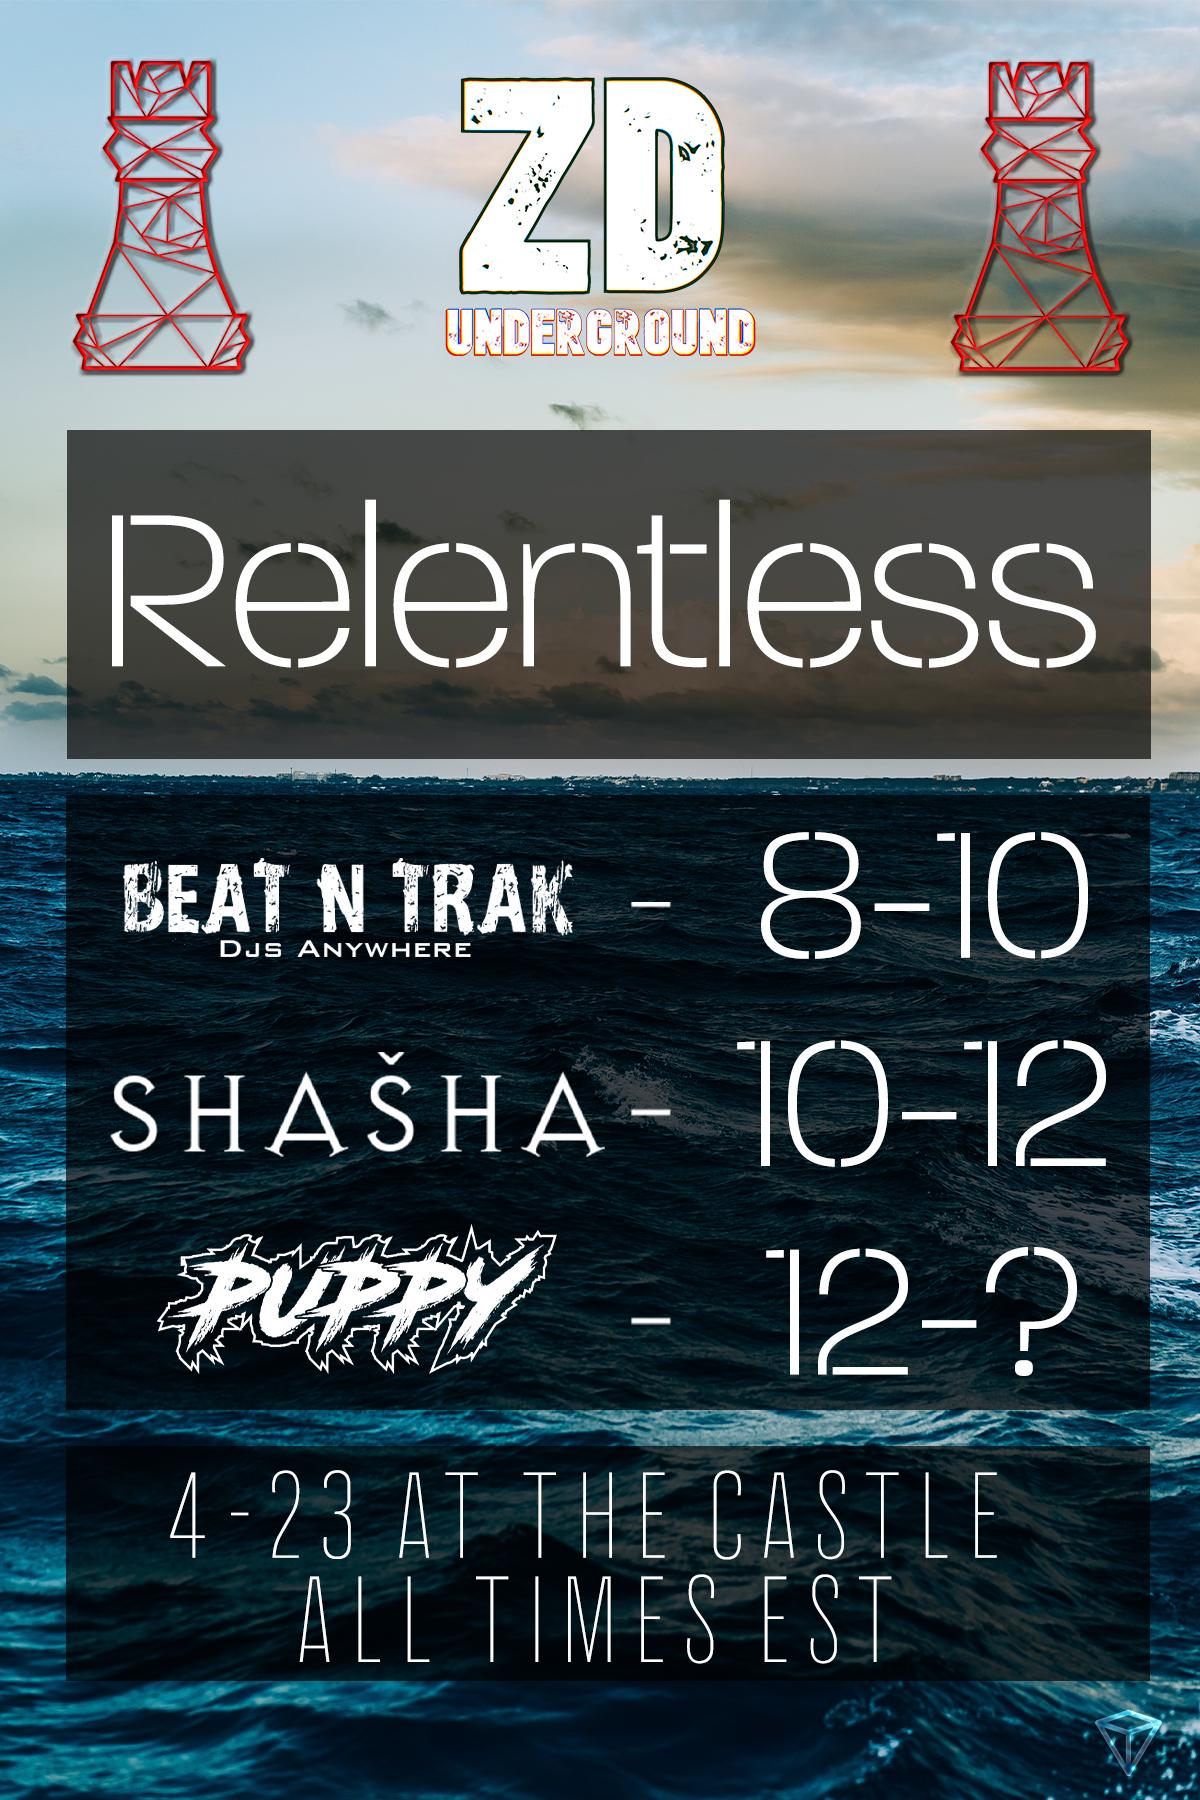 Relentless__The_Castle_4-23.jpg